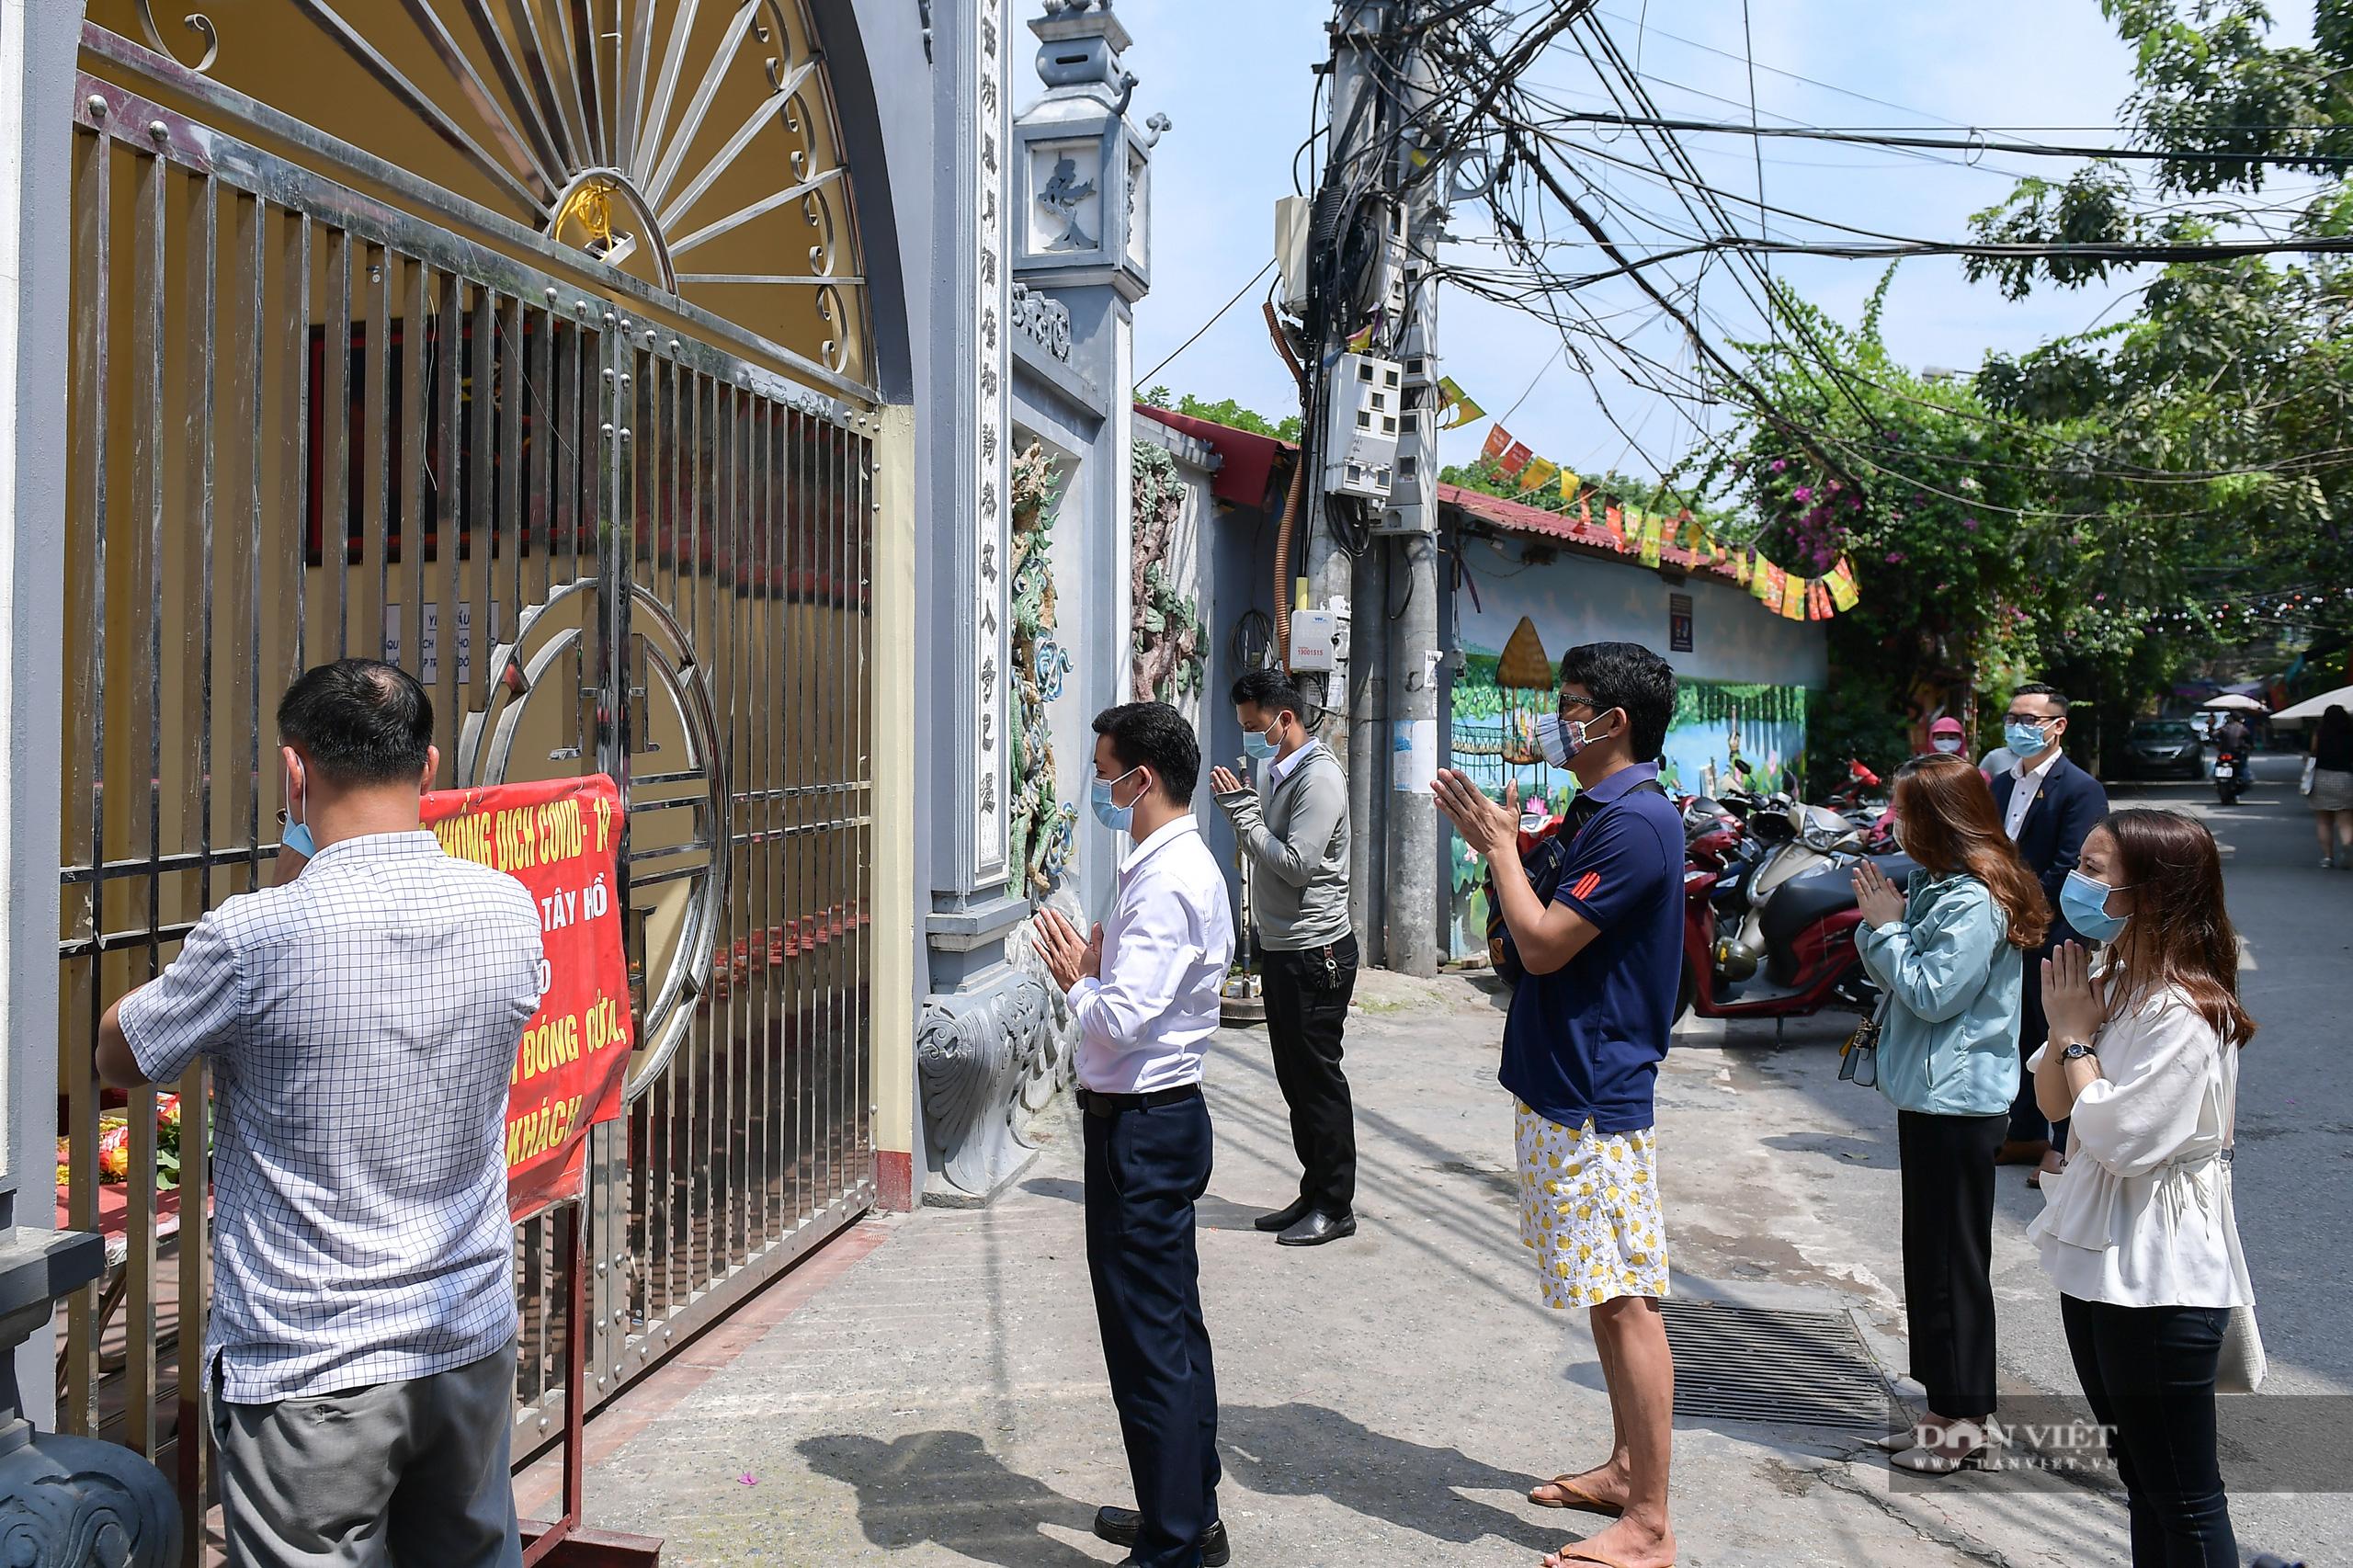 Hà Nội: Công an giải tán người dân đến phủ Tây Hồ vái vọng ngày mùng 1 âm lịch - Ảnh 1.